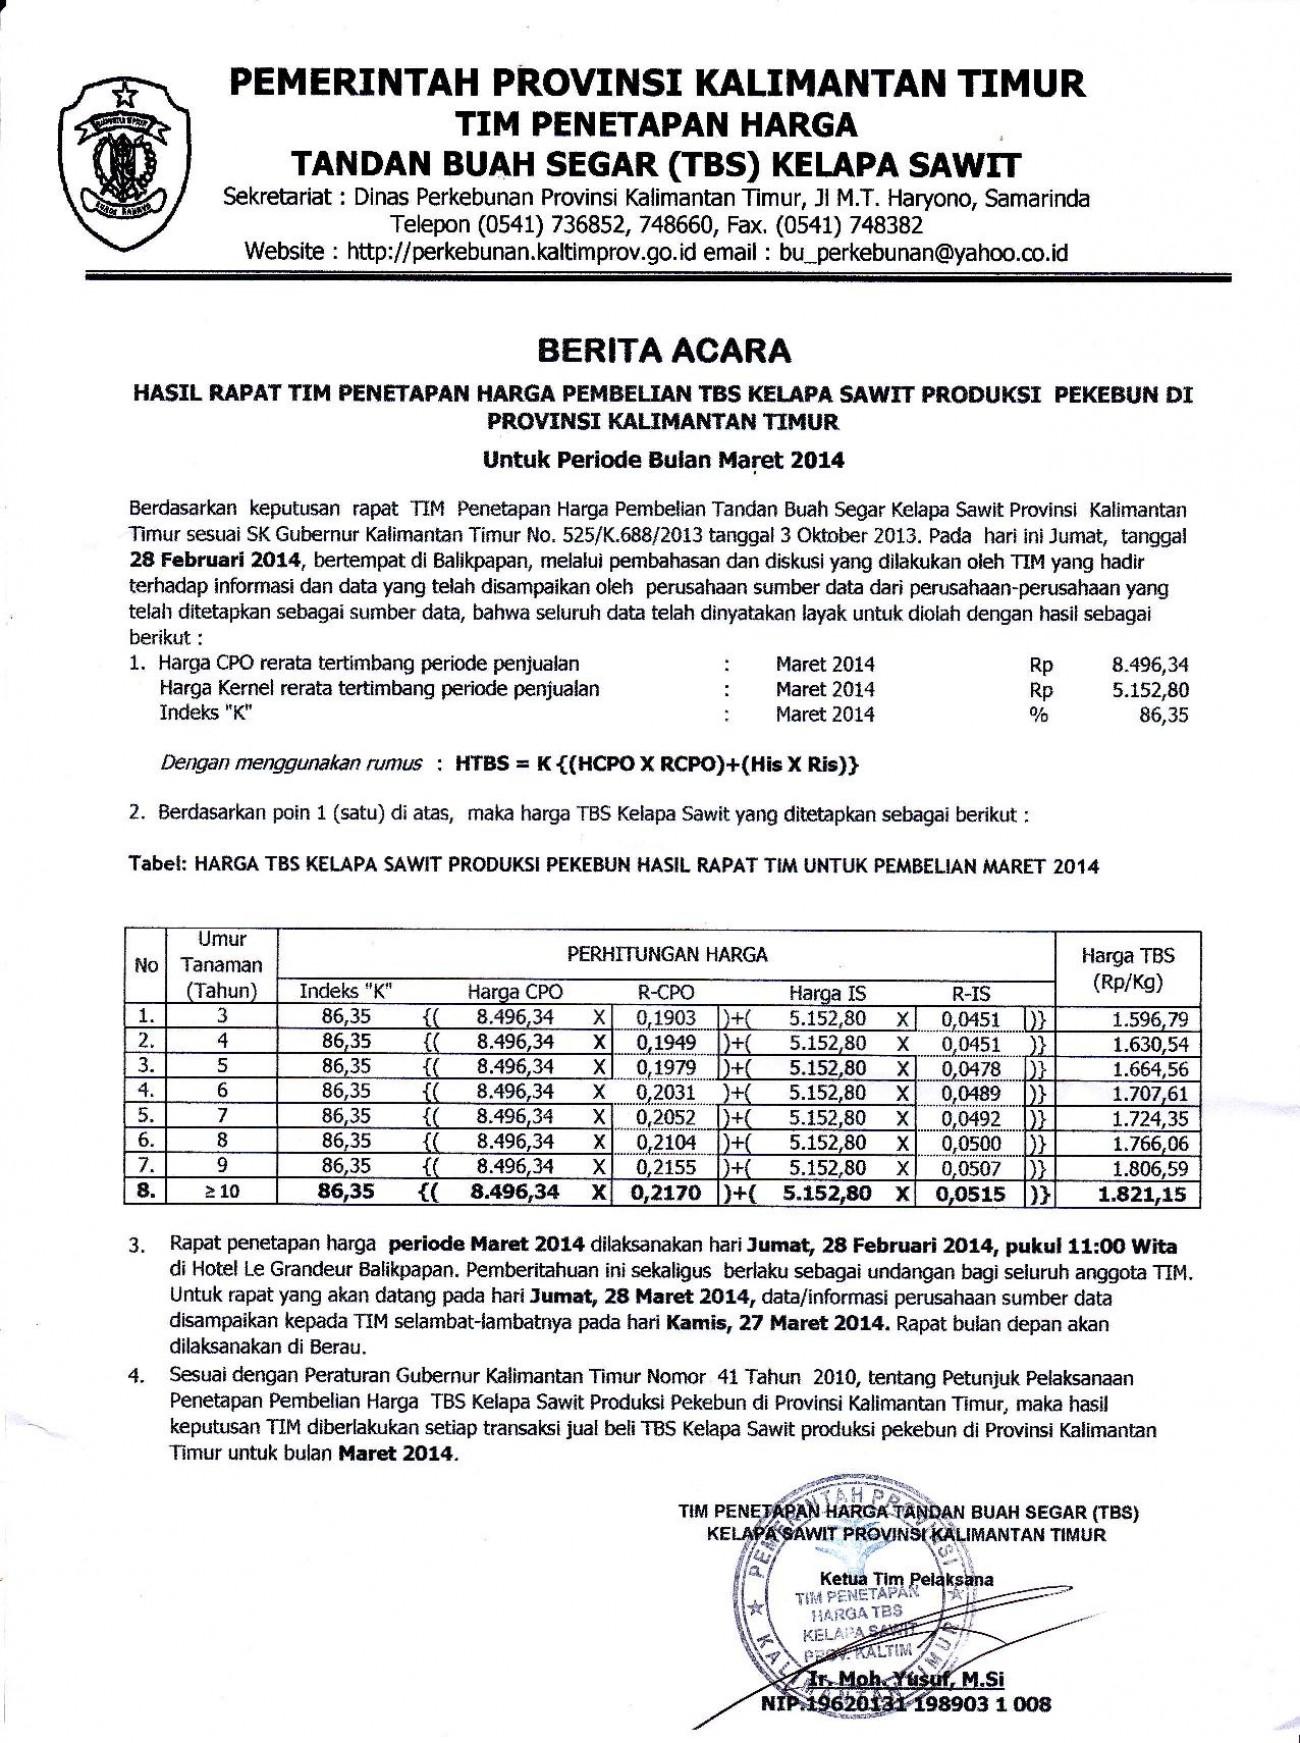 Informasi Harga TBS Kelapa Sawit Bulan Maret 2014